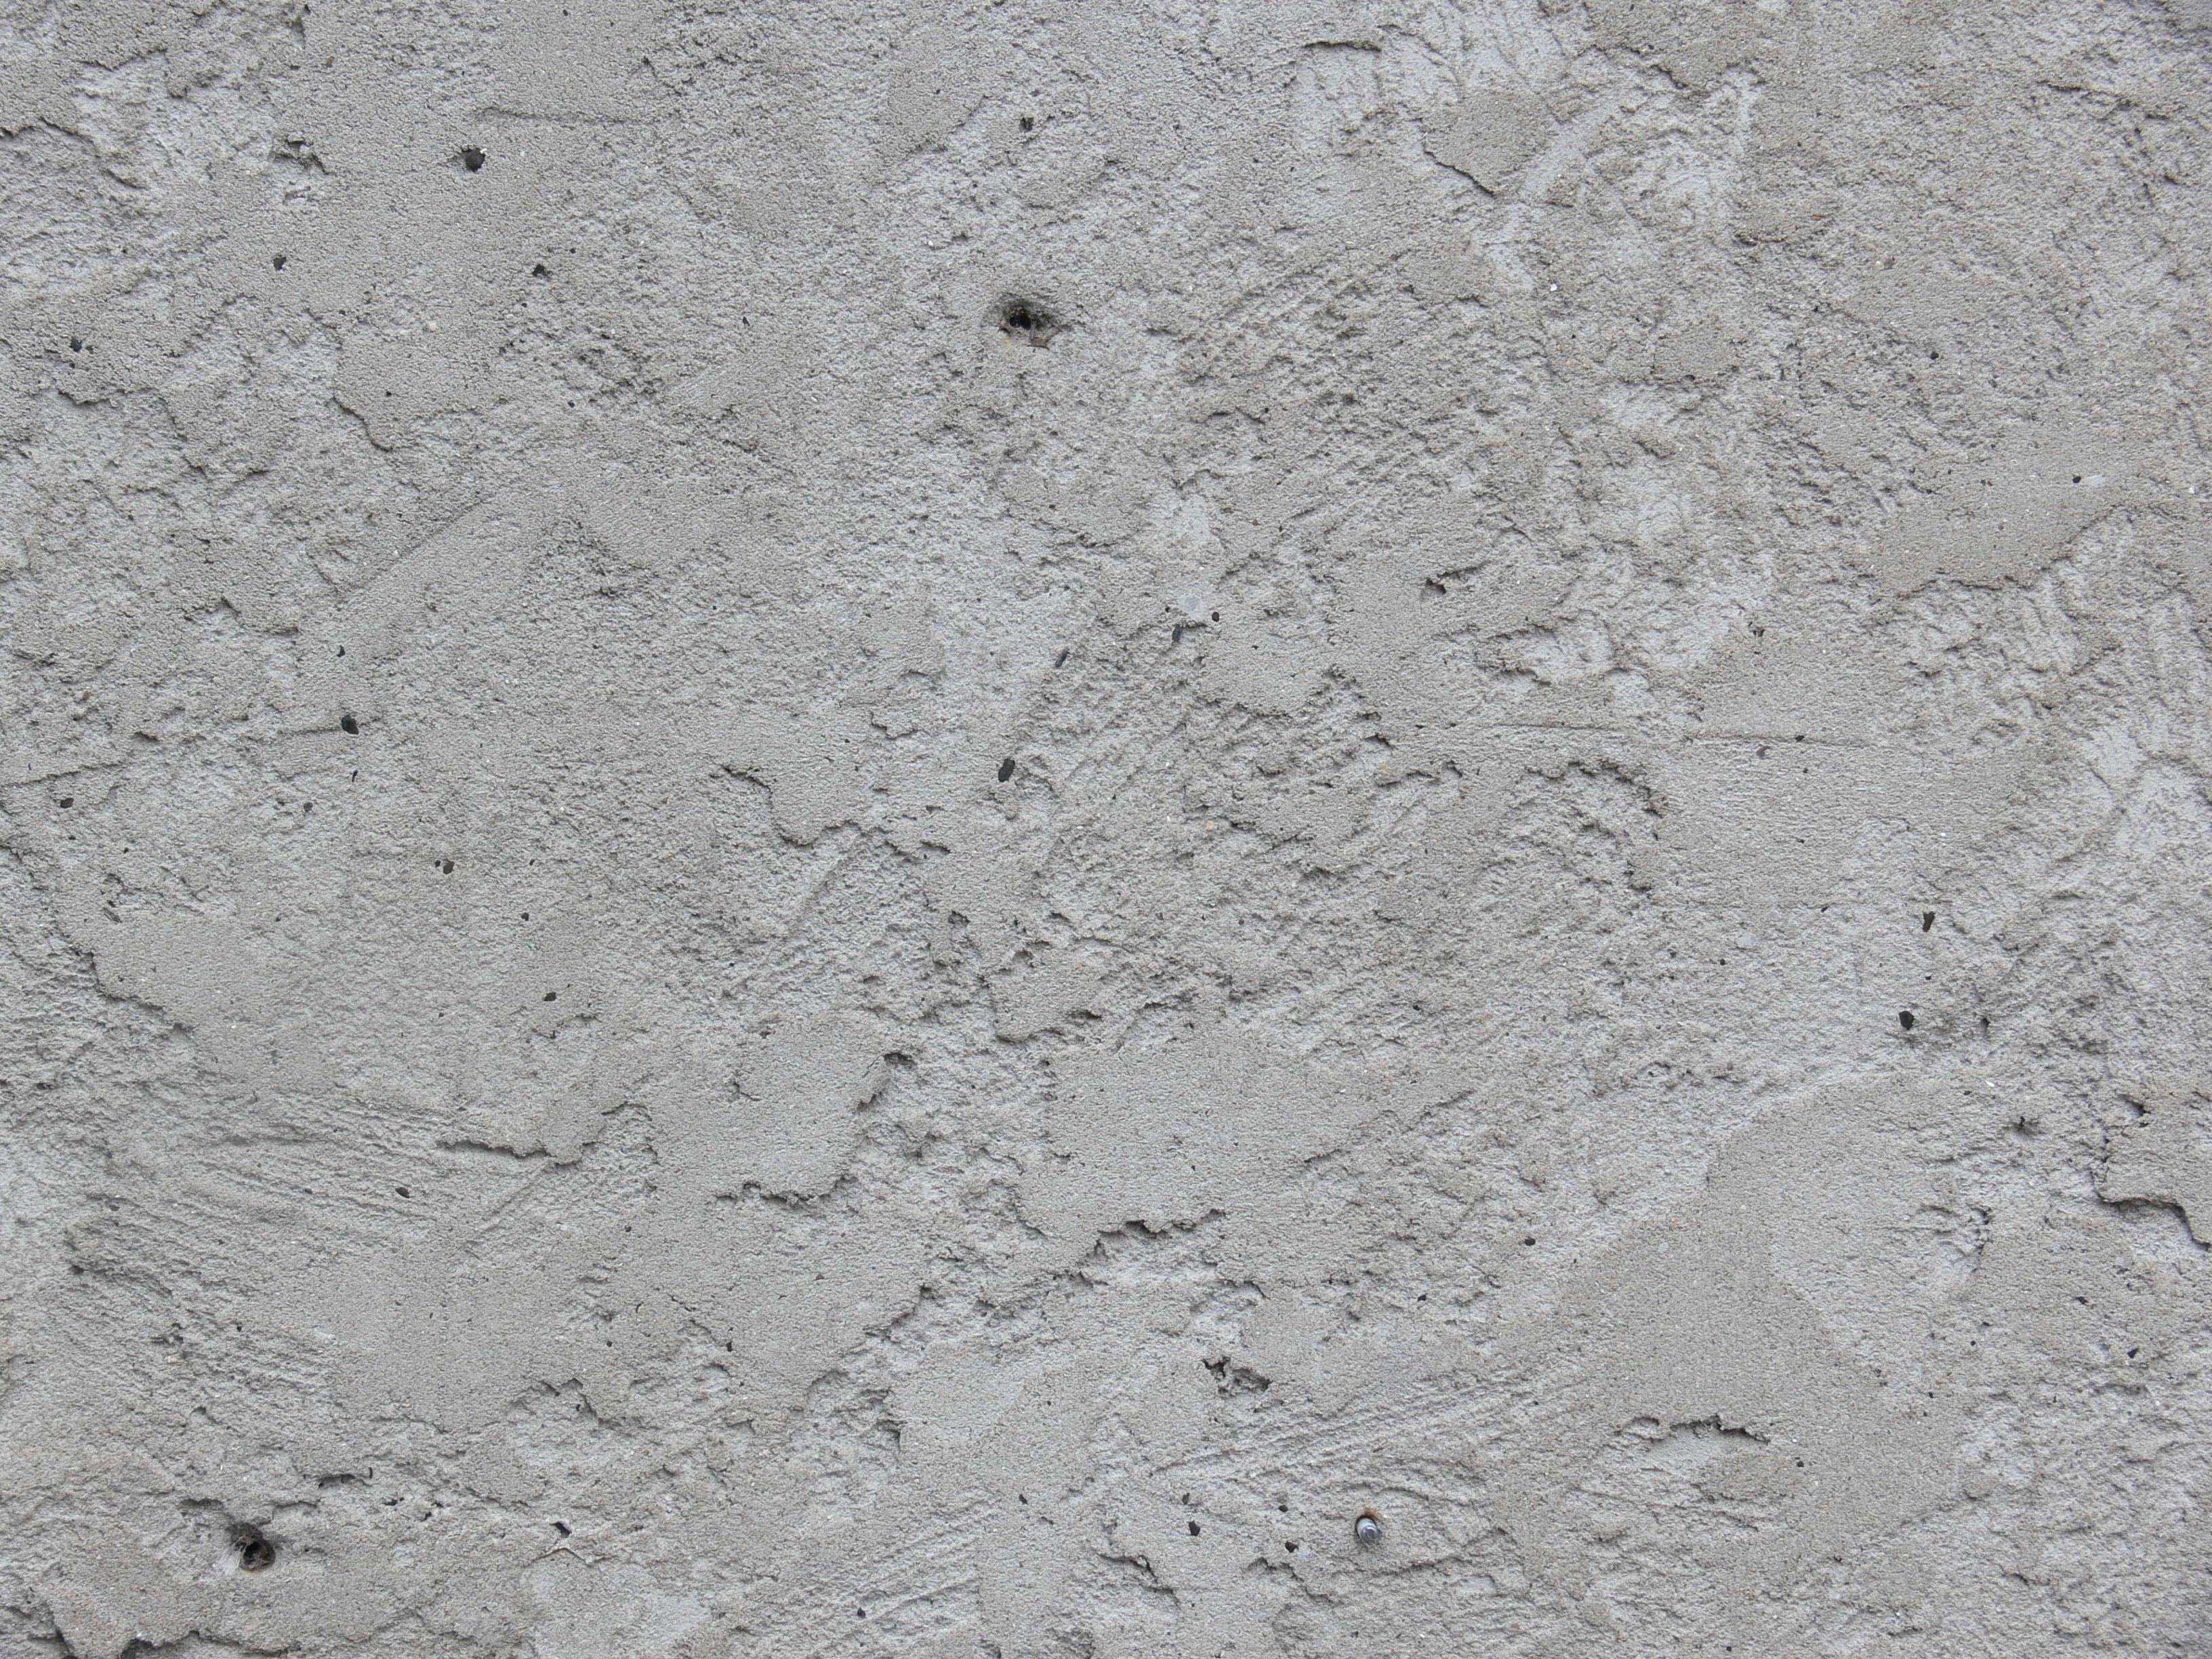 Concrete texture, Abstract, Cement, Concrete, Rough, HQ Photo